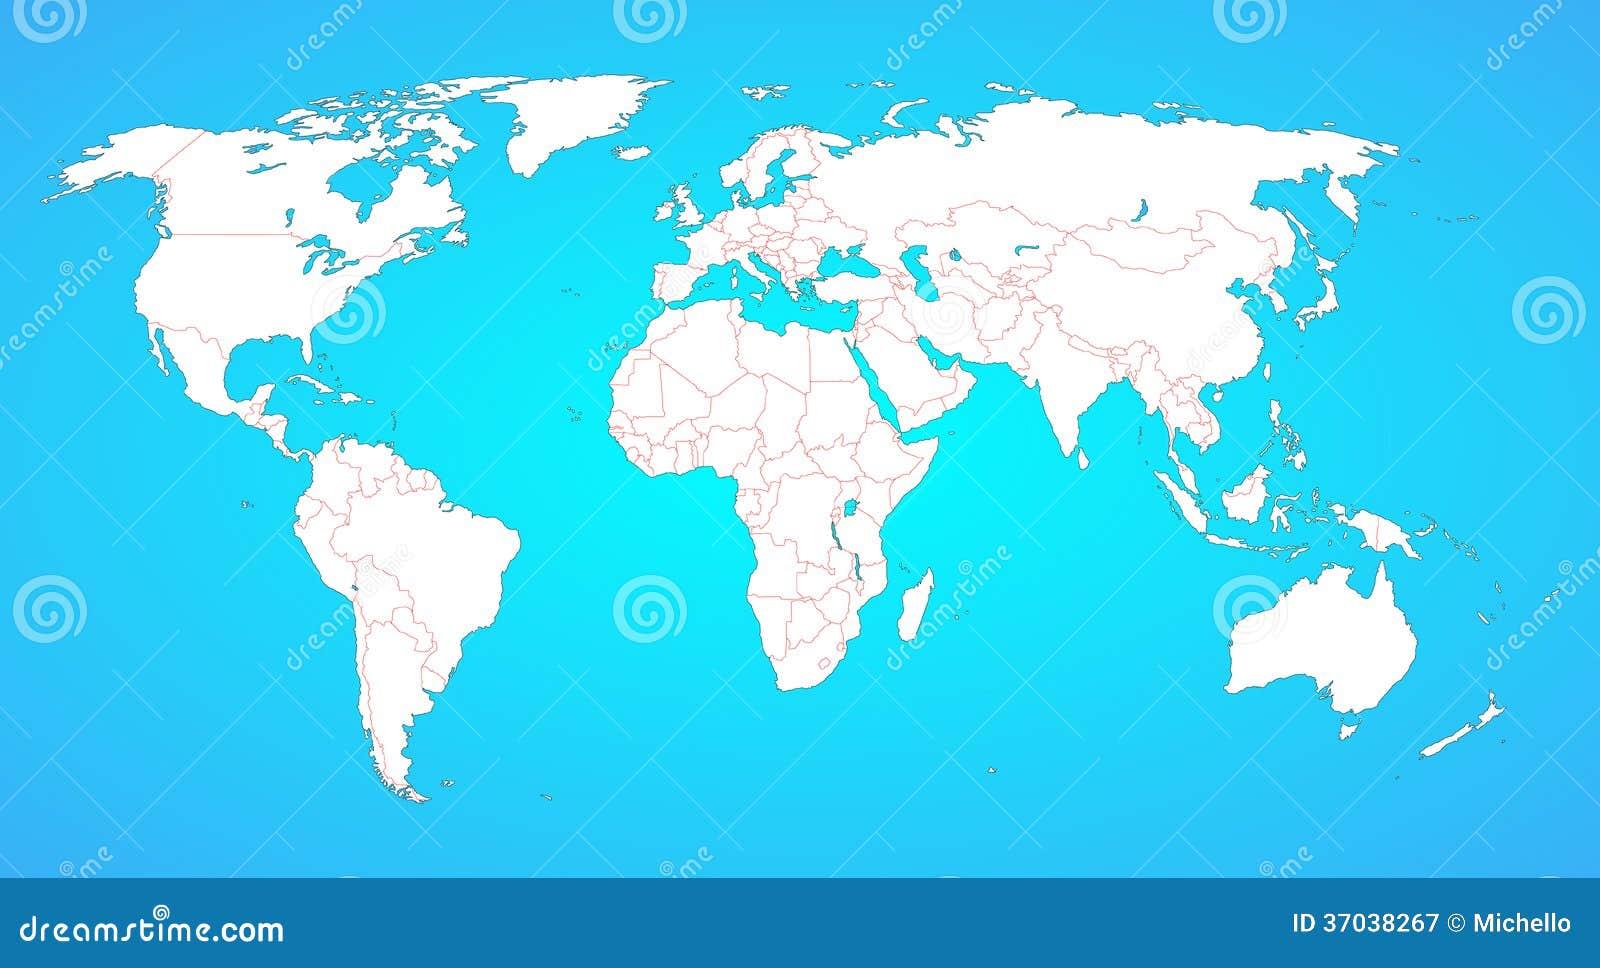 Weltkarte Mit Grenzen Zwischen Allen Landern Vektor Abbildung